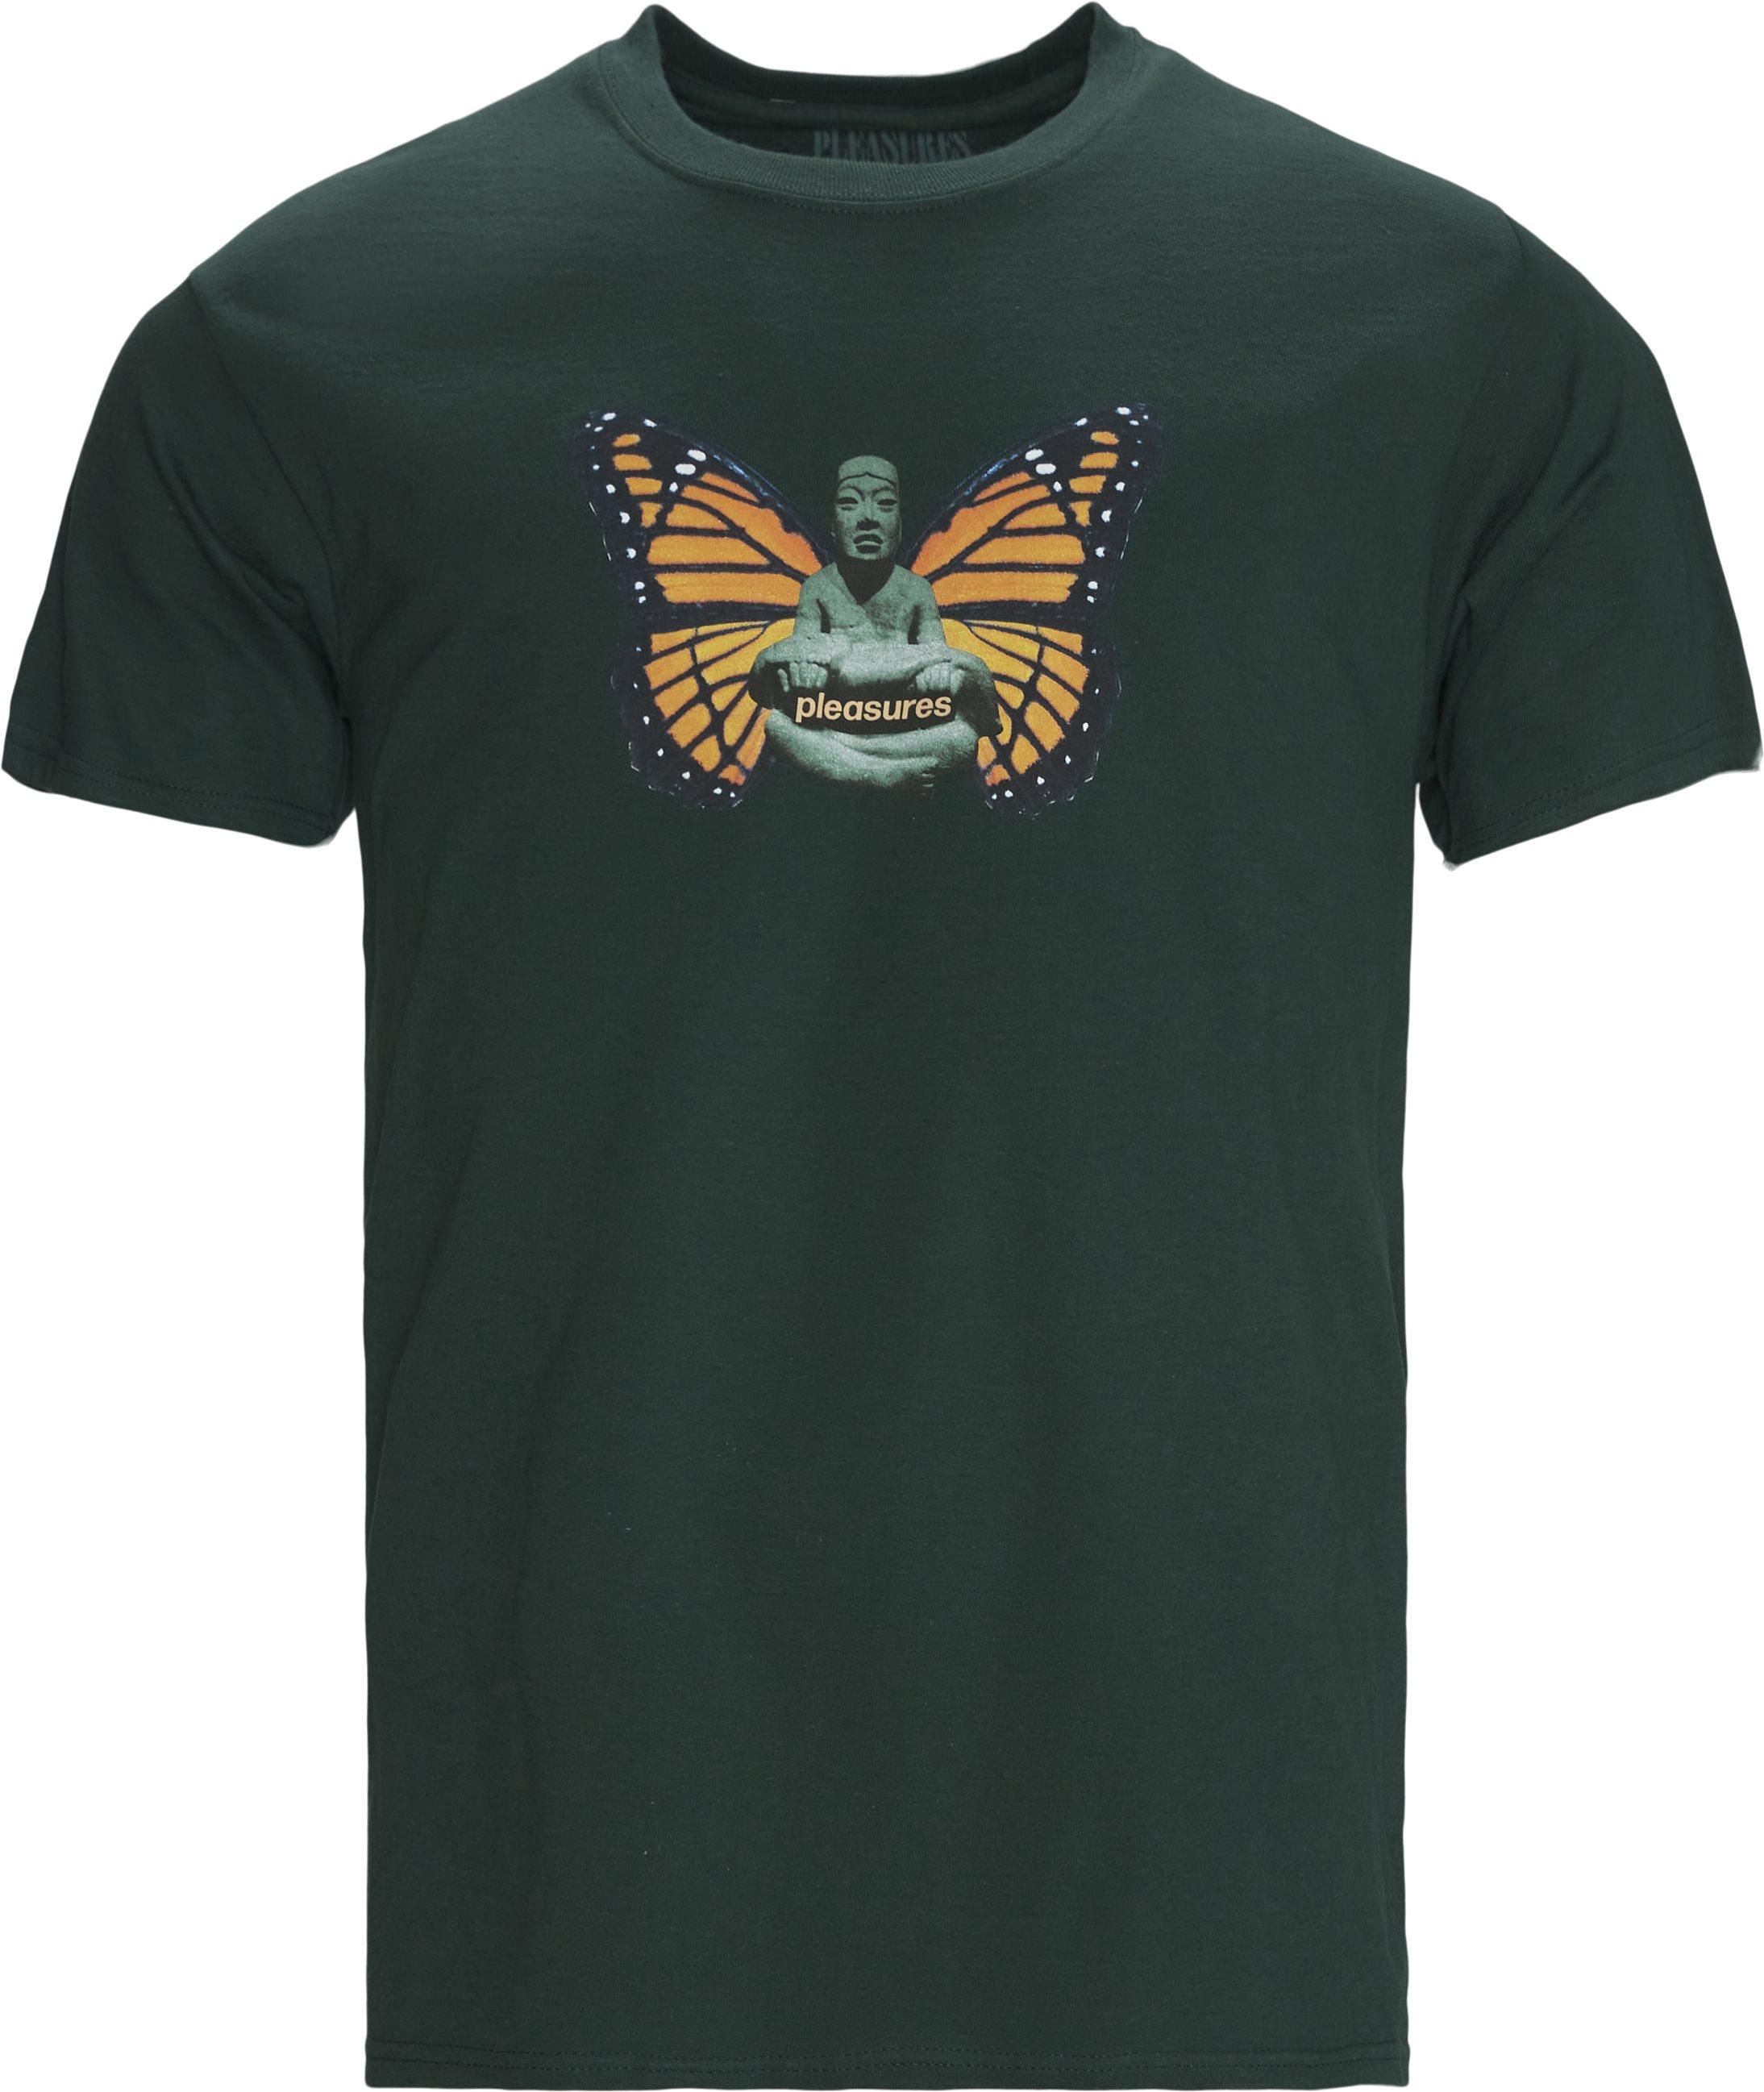 Meditate Tee - T-shirts - Regular fit - Grøn